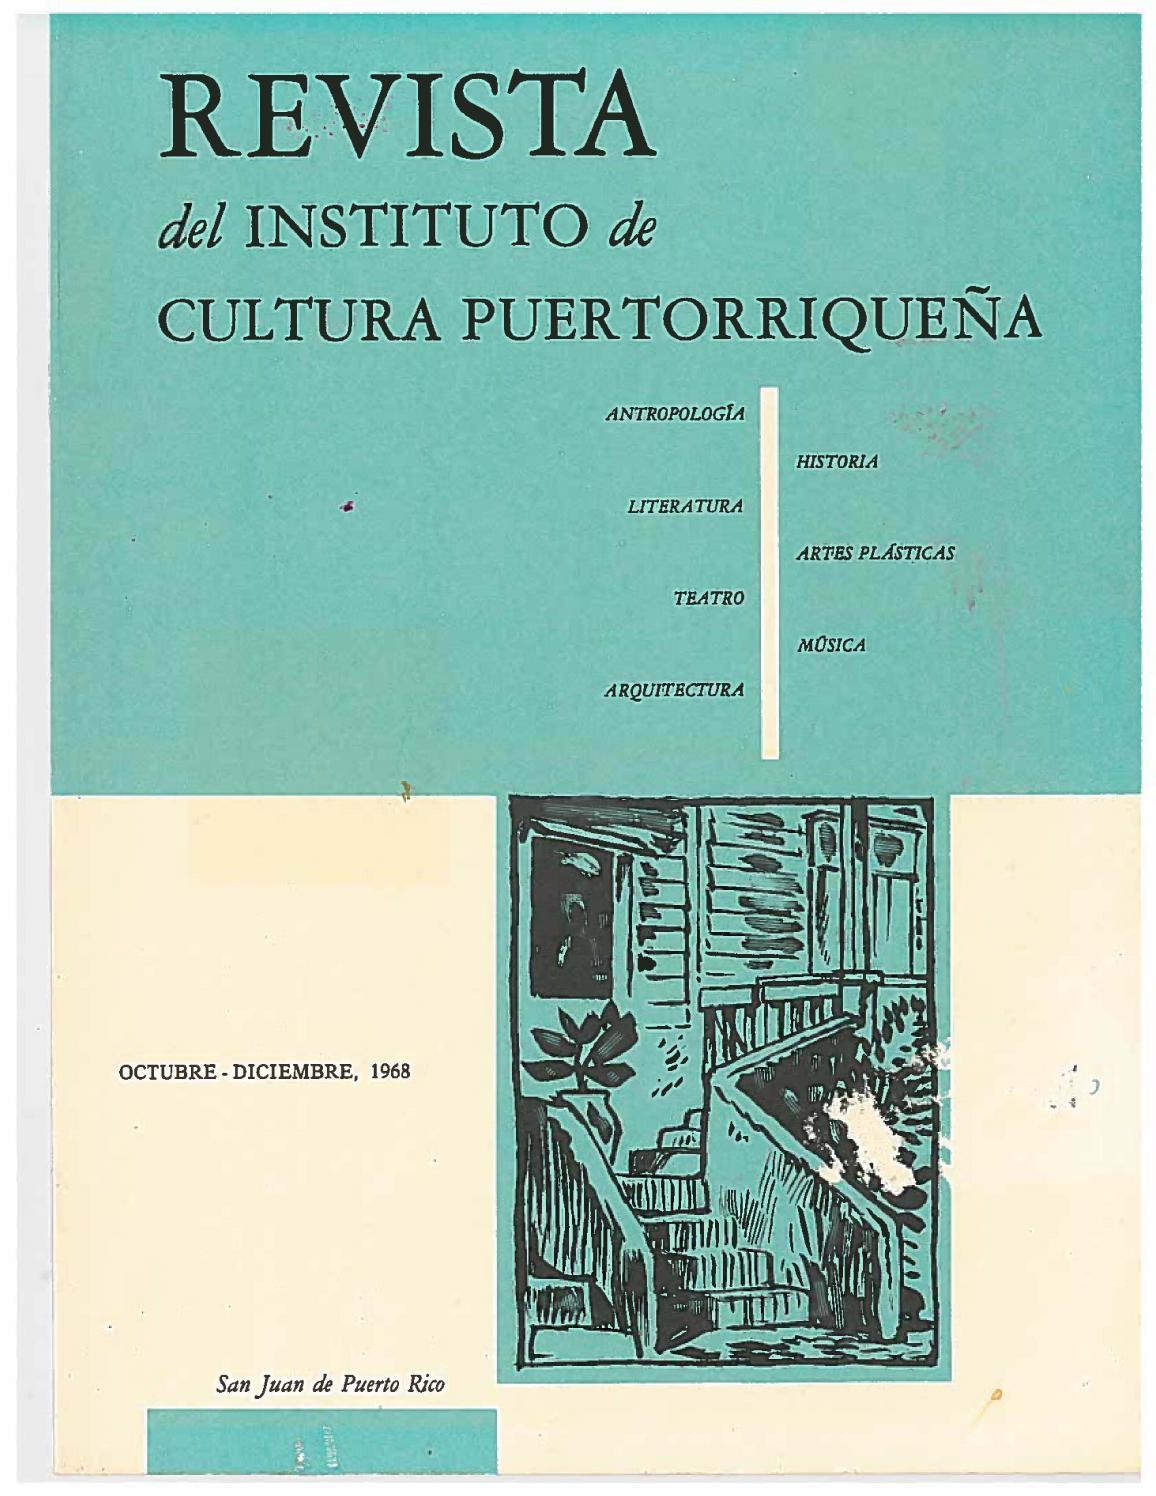 revista del instituto de cultura by colecci243n